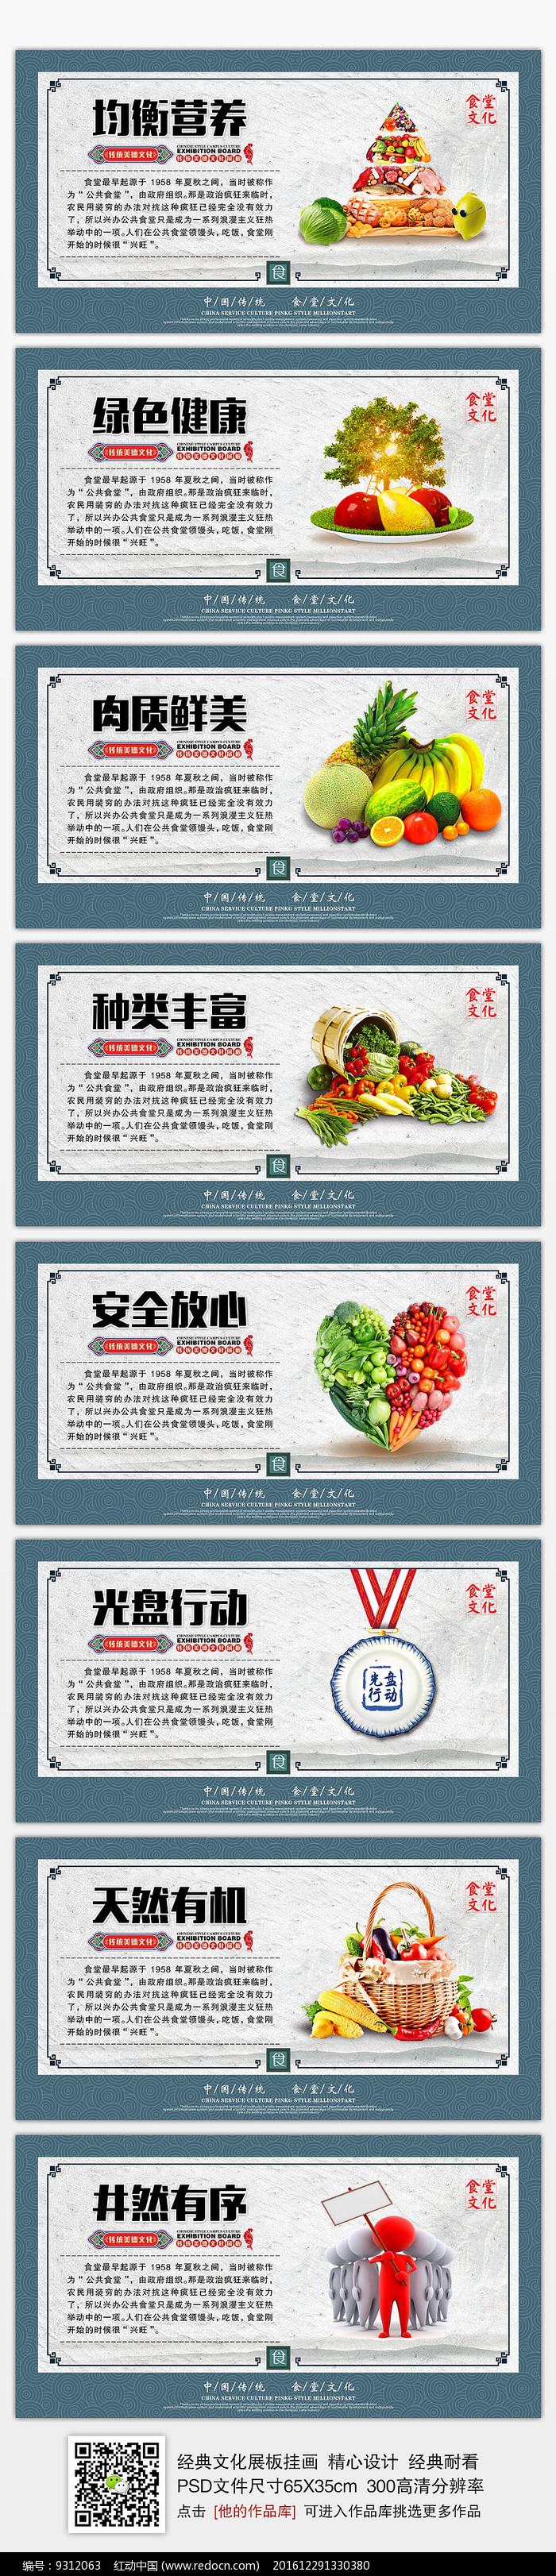 整套经典简洁食堂文化展板挂画图片